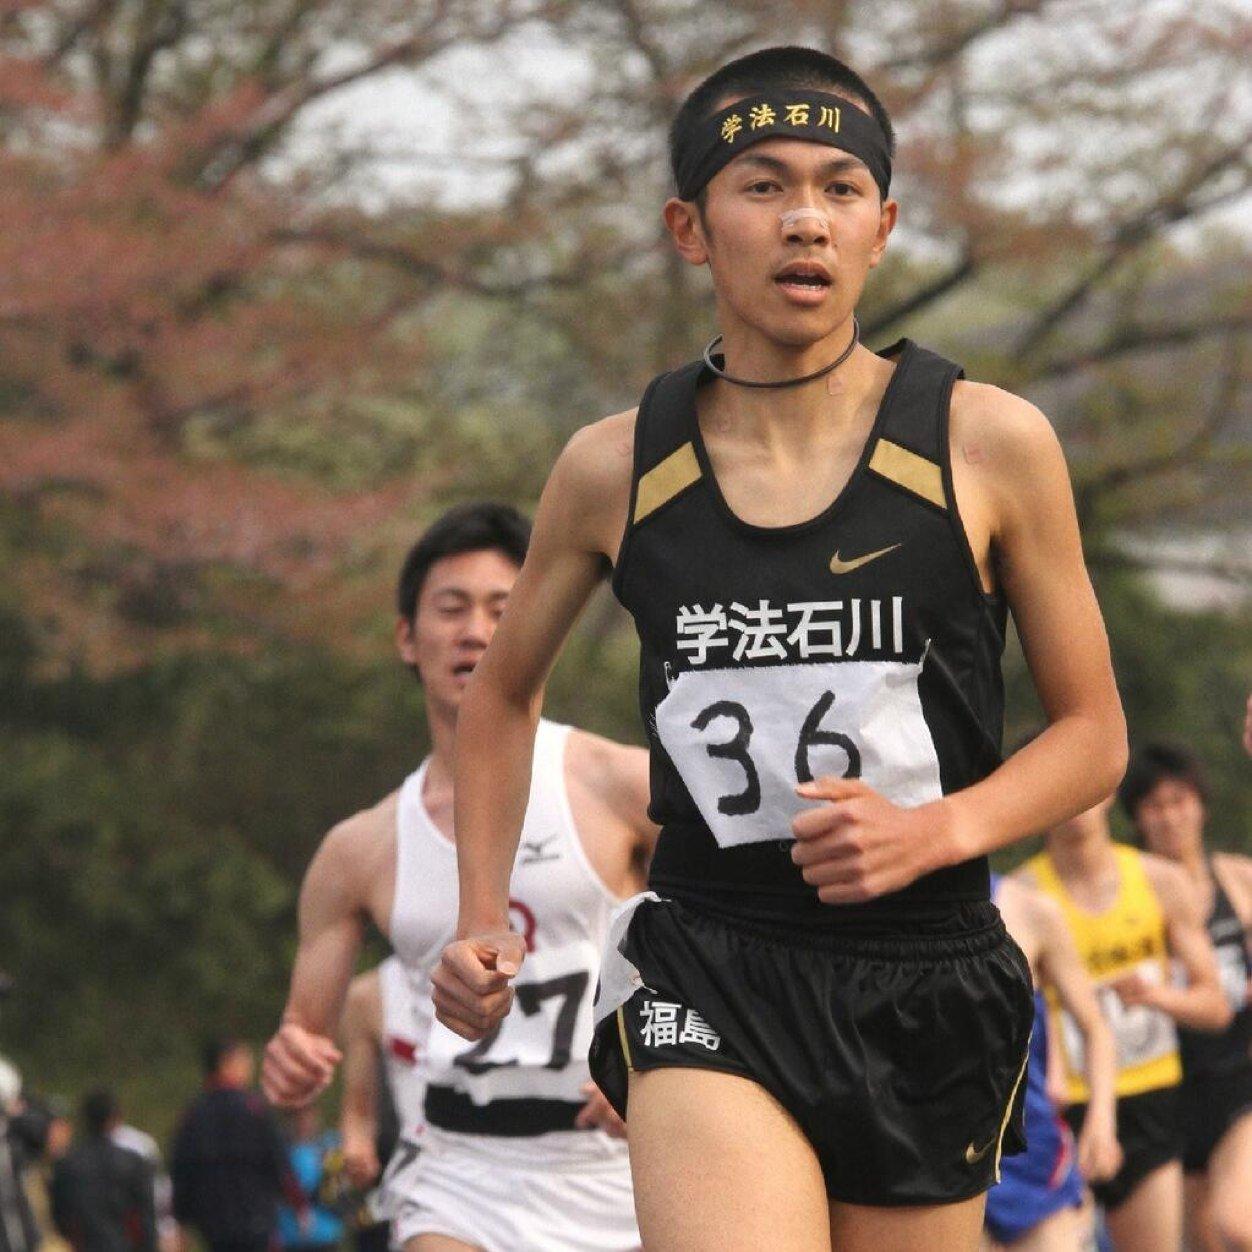 相澤晃の画像 p1_14